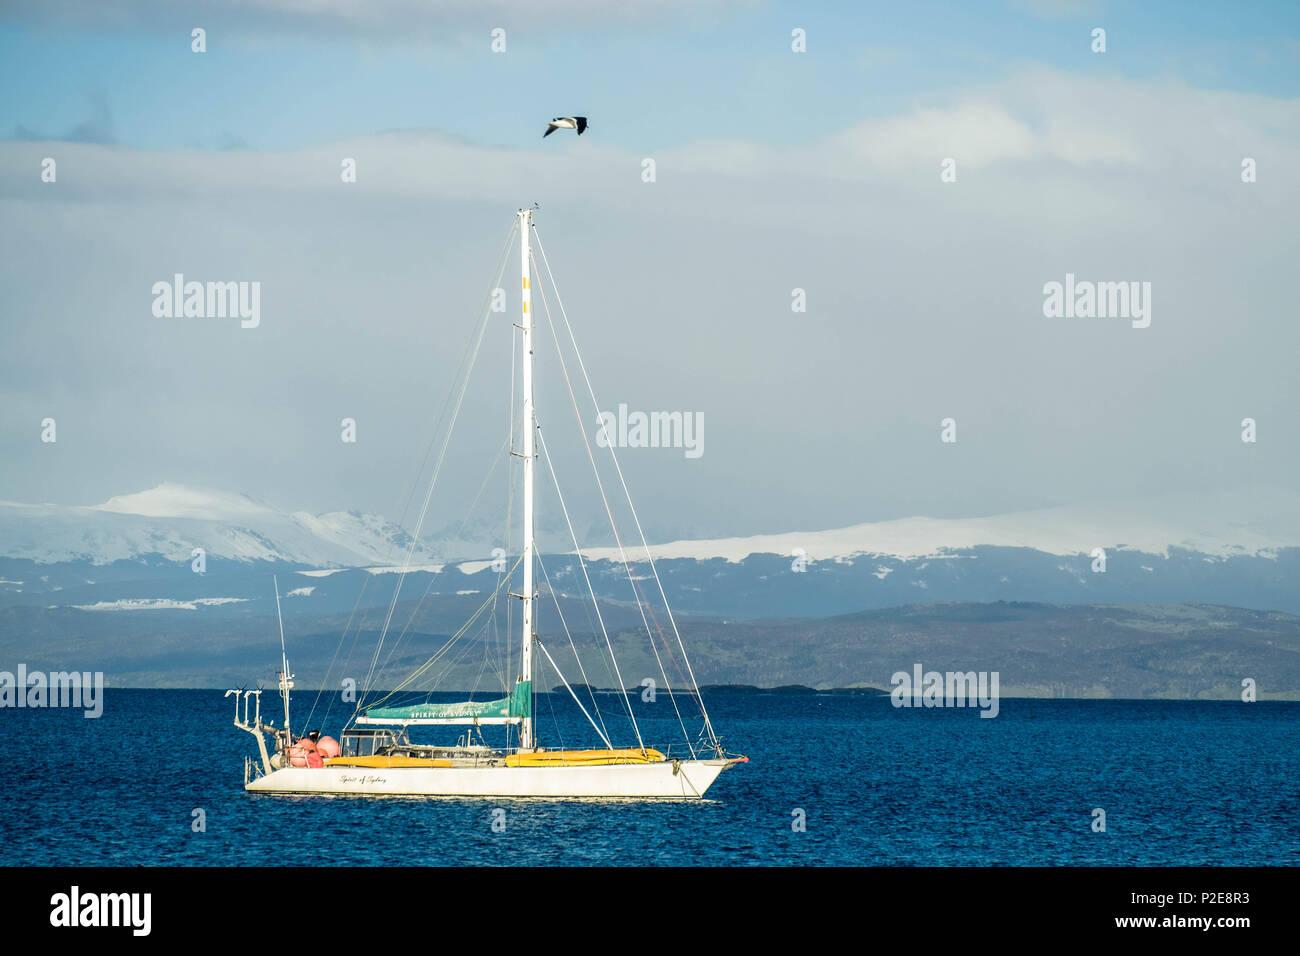 Una barca a vela attraversa il Canale di Beagle vicino a Ushuaia. La vela è popolare in questa parte del mondo dove le isole offrono paesaggi mozzafiato. Foto Stock